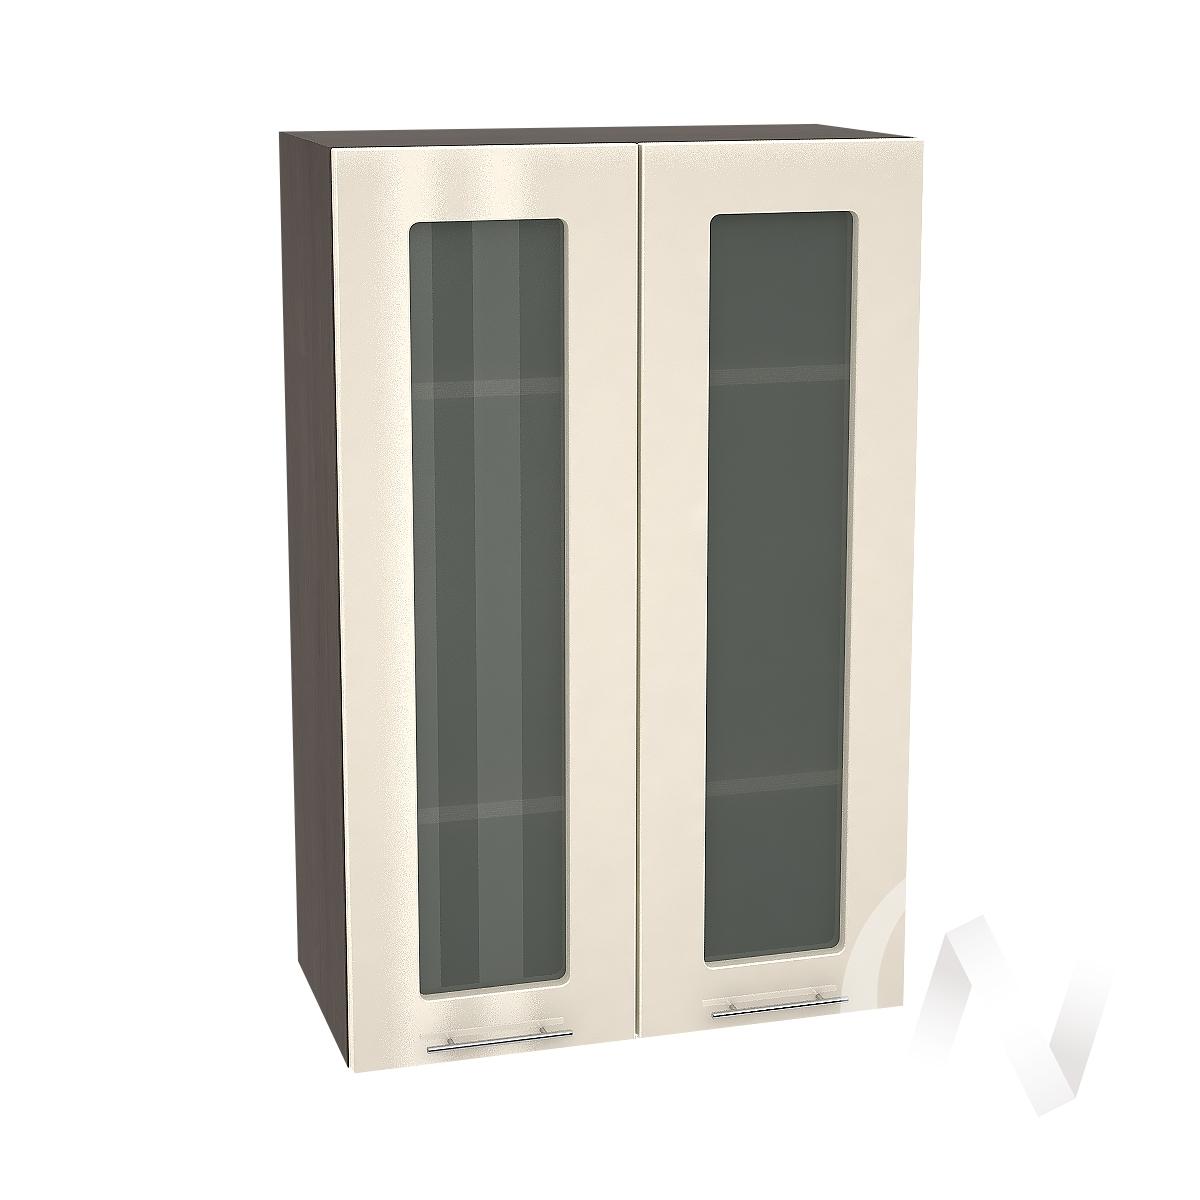 """Кухня """"Валерия-М"""": Шкаф верхний со стеклом 609, ШВС 609 новый (Ваниль глянец/корпус венге)"""